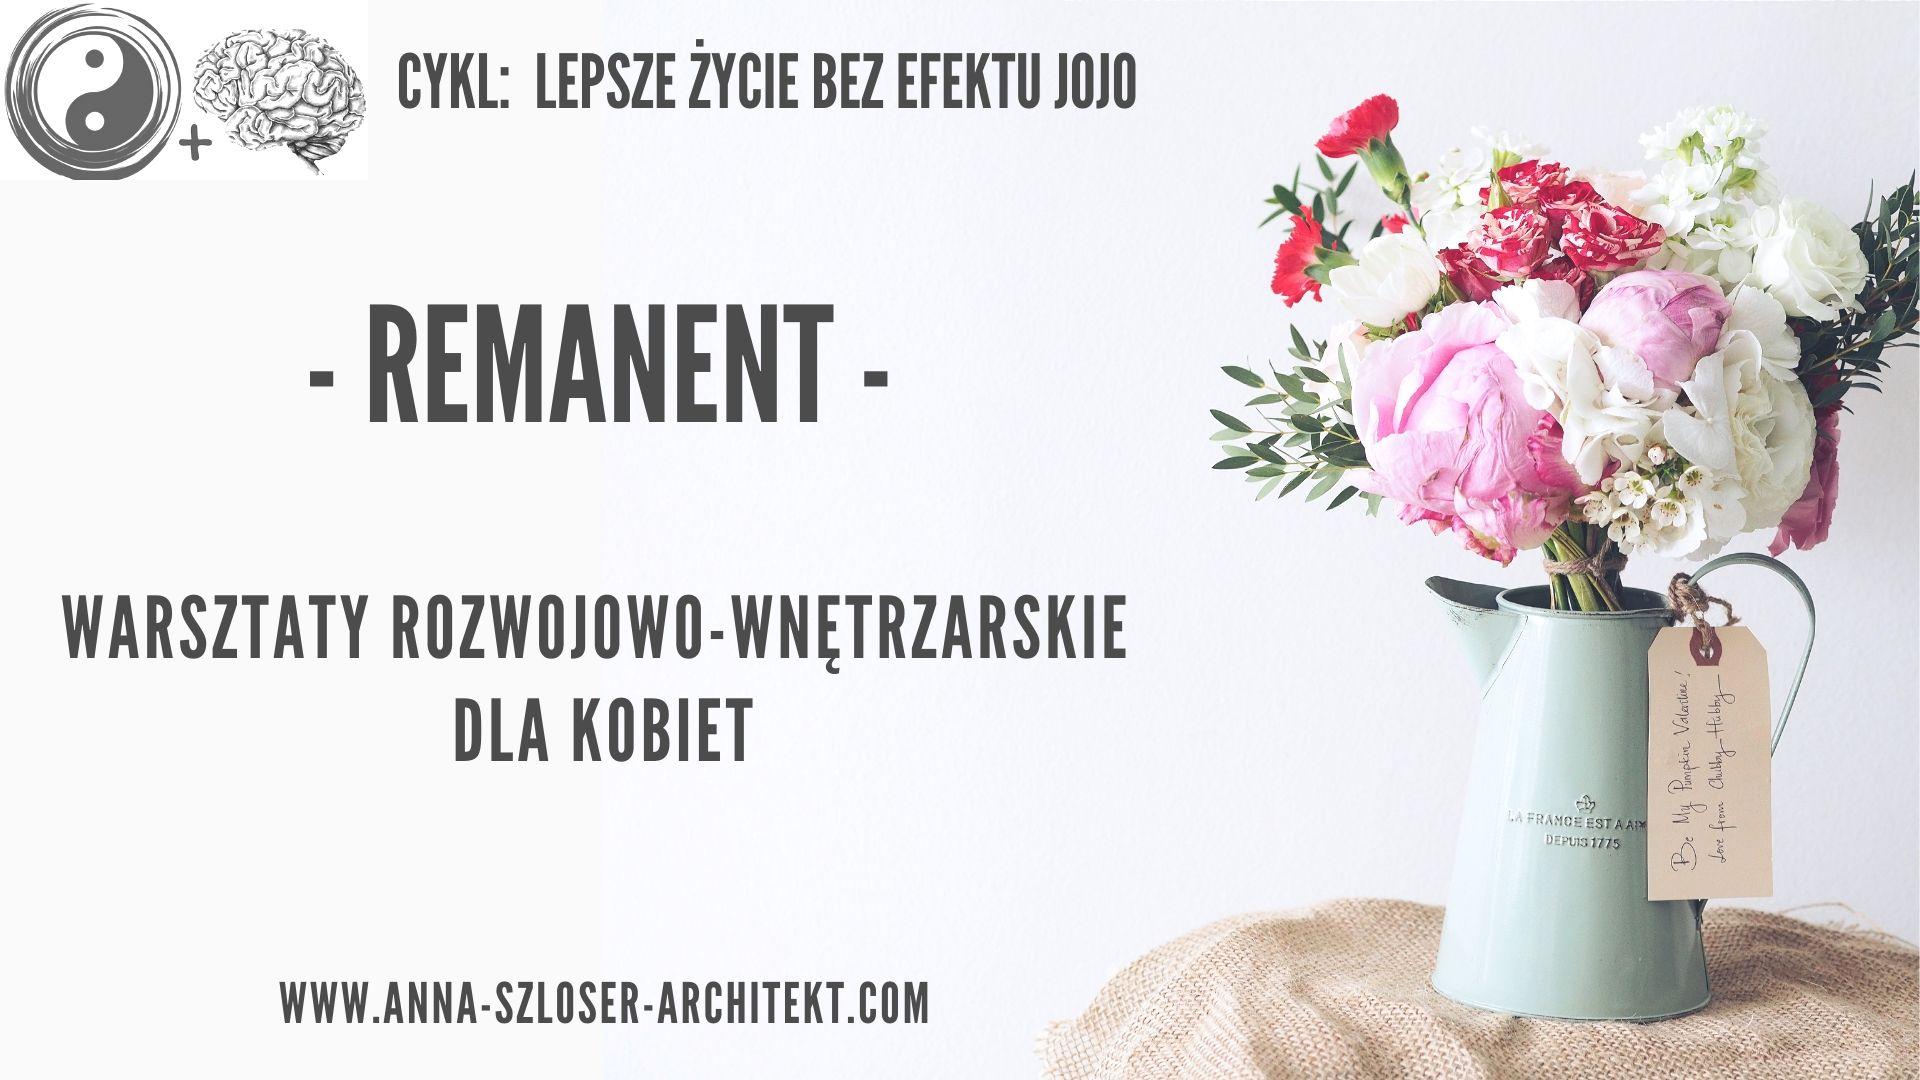 """! WARSZTATY ROZWOJOWO-WNĘTRZARSKIE DLA KOBIET """"REMANENT""""!"""